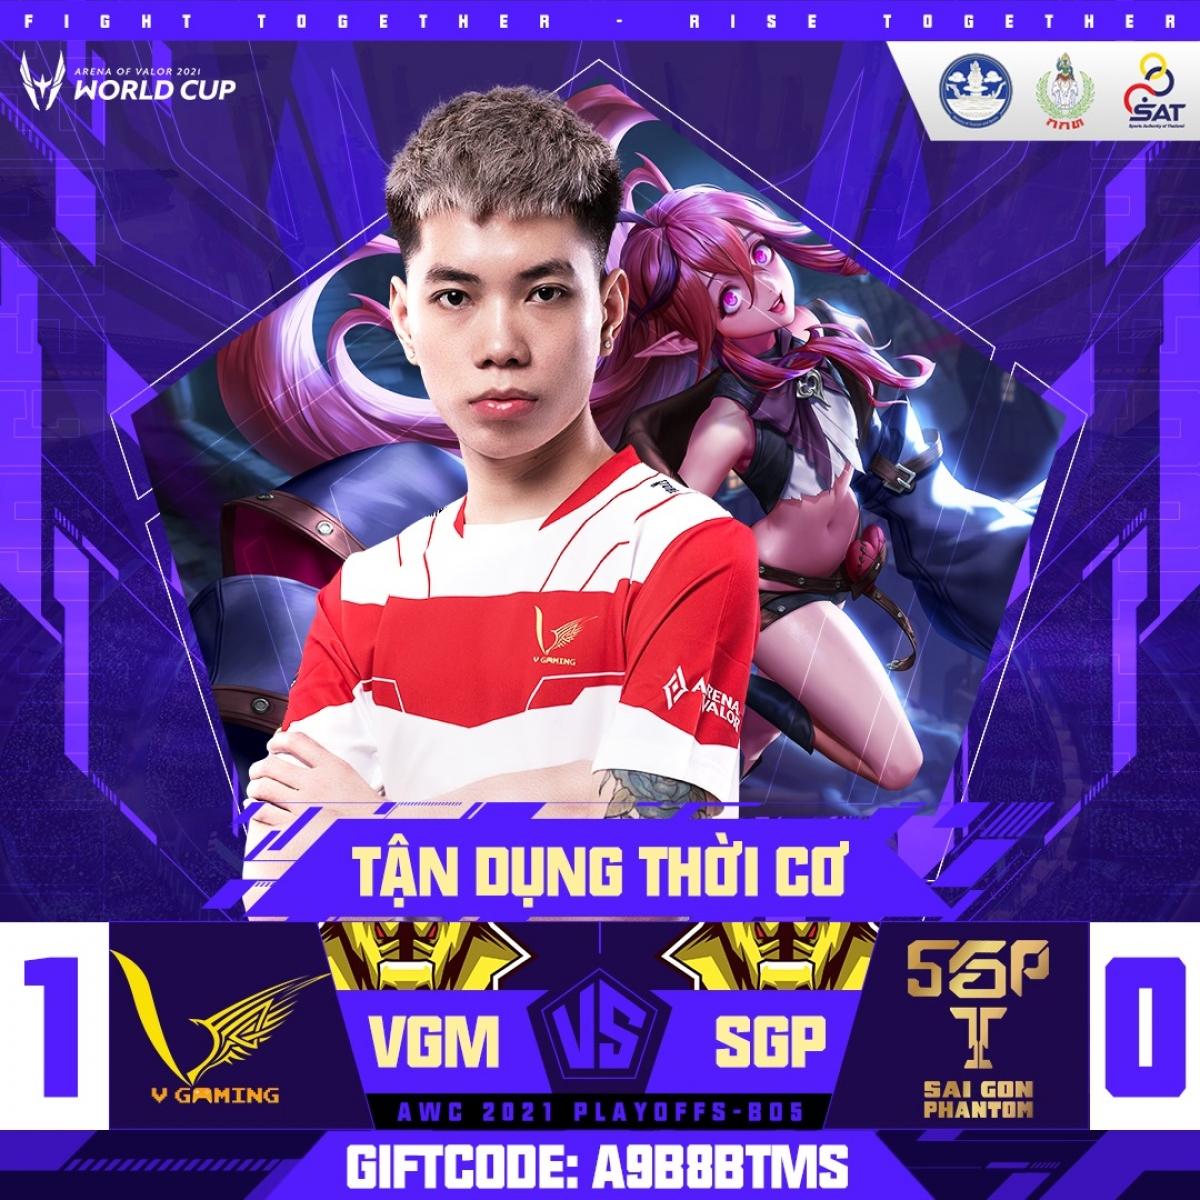 V-Gaming bất ngờ dẫn trước Saigon Phantom. (Ảnh: Cao thủ Liên quân).